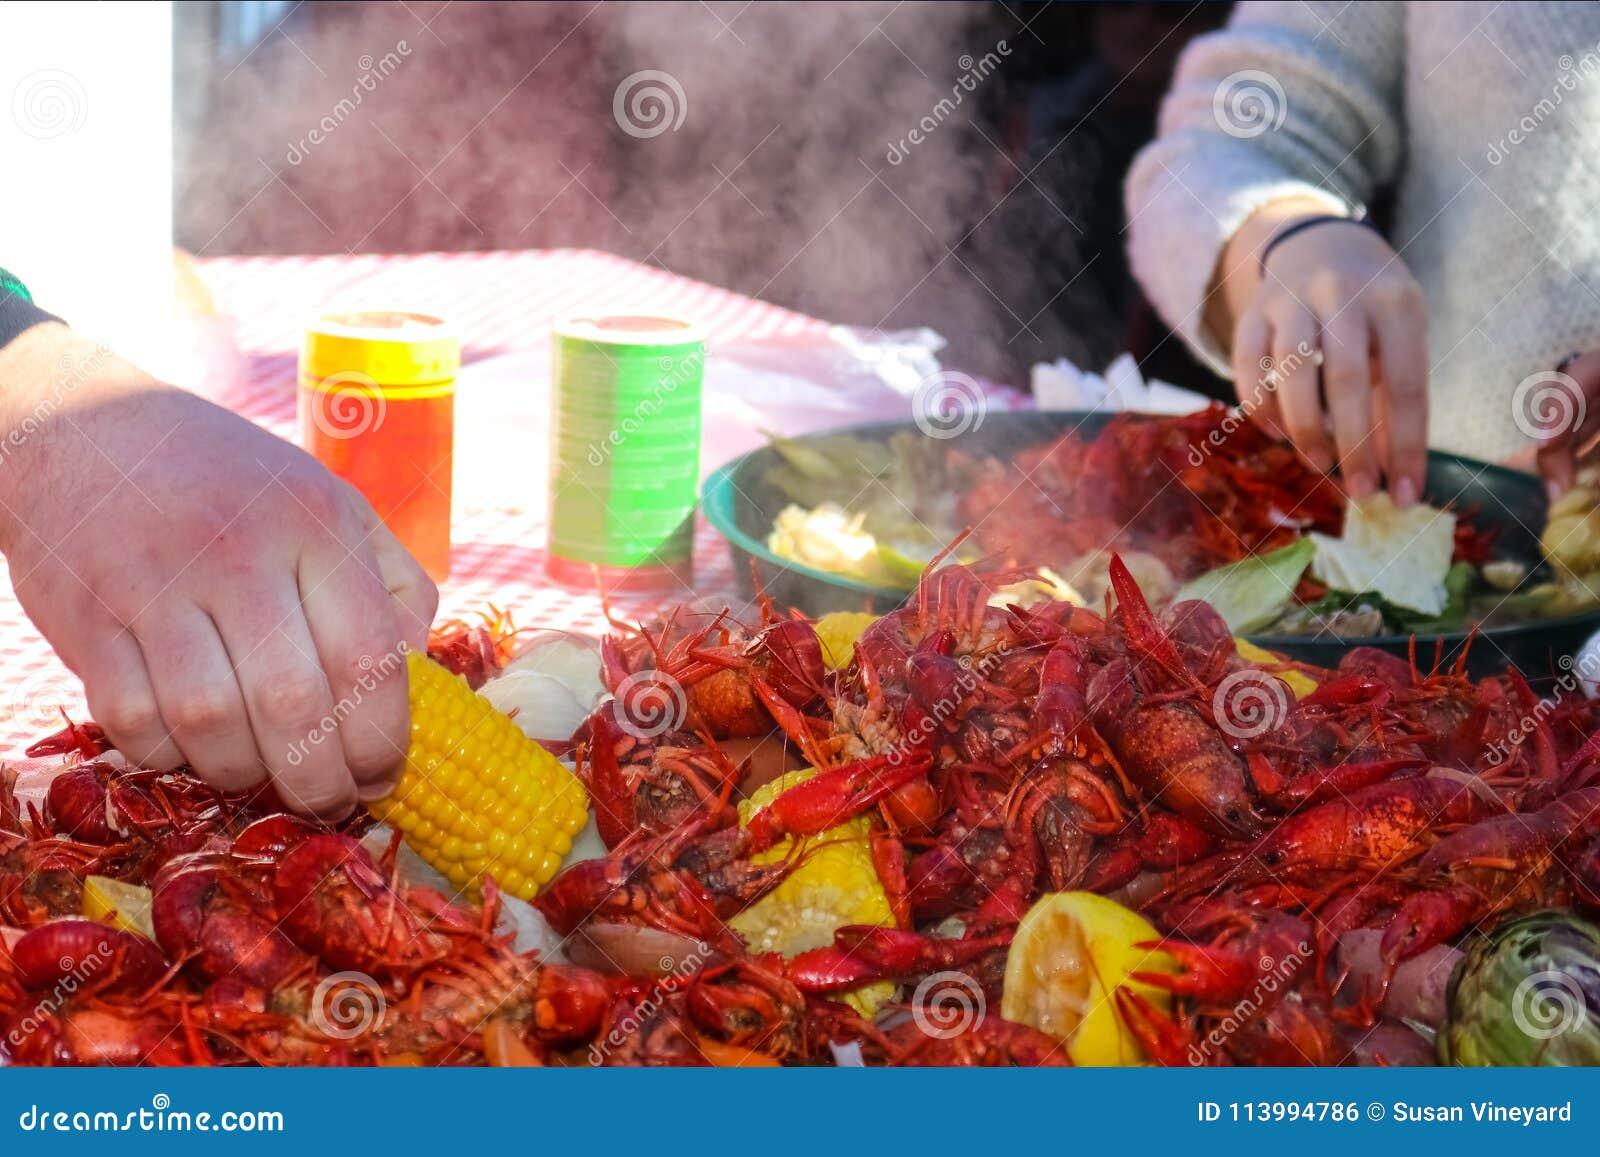 Main atteignant dedans pour un morceau d épi de maïs d une pile de cuire la nourriture à la vapeur à une ébullition d écrevisses